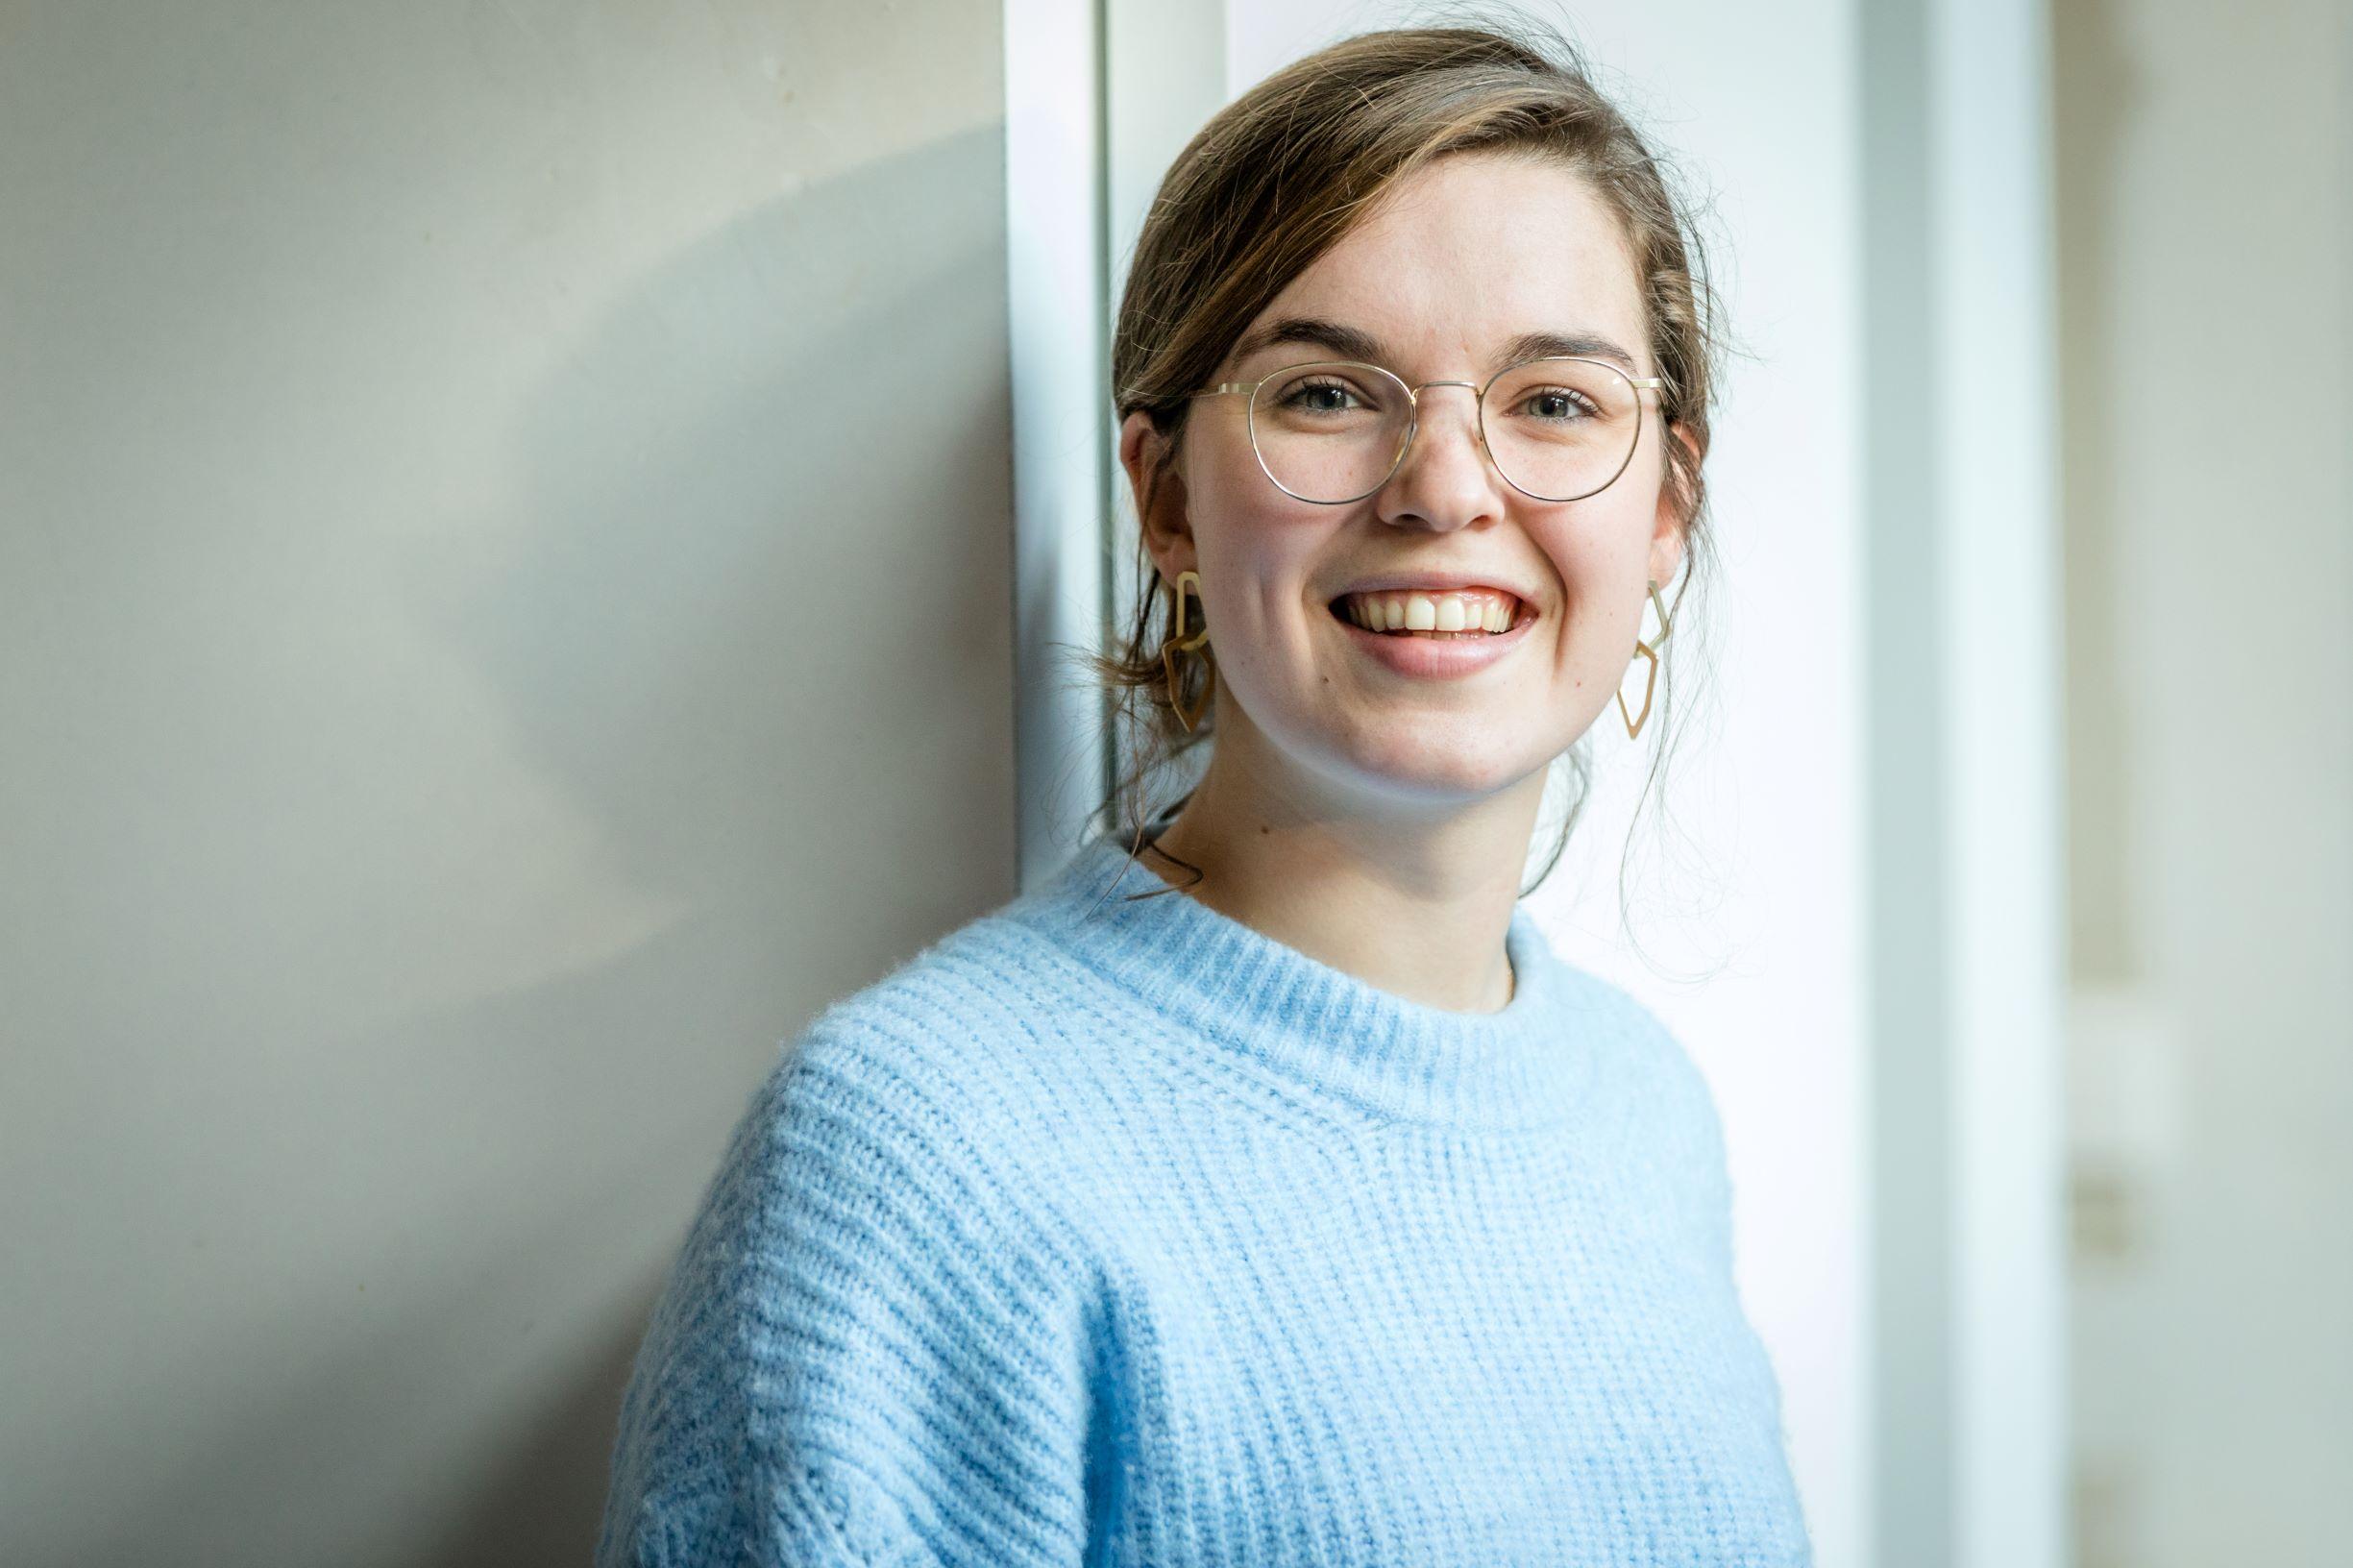 Lieselotte Martens